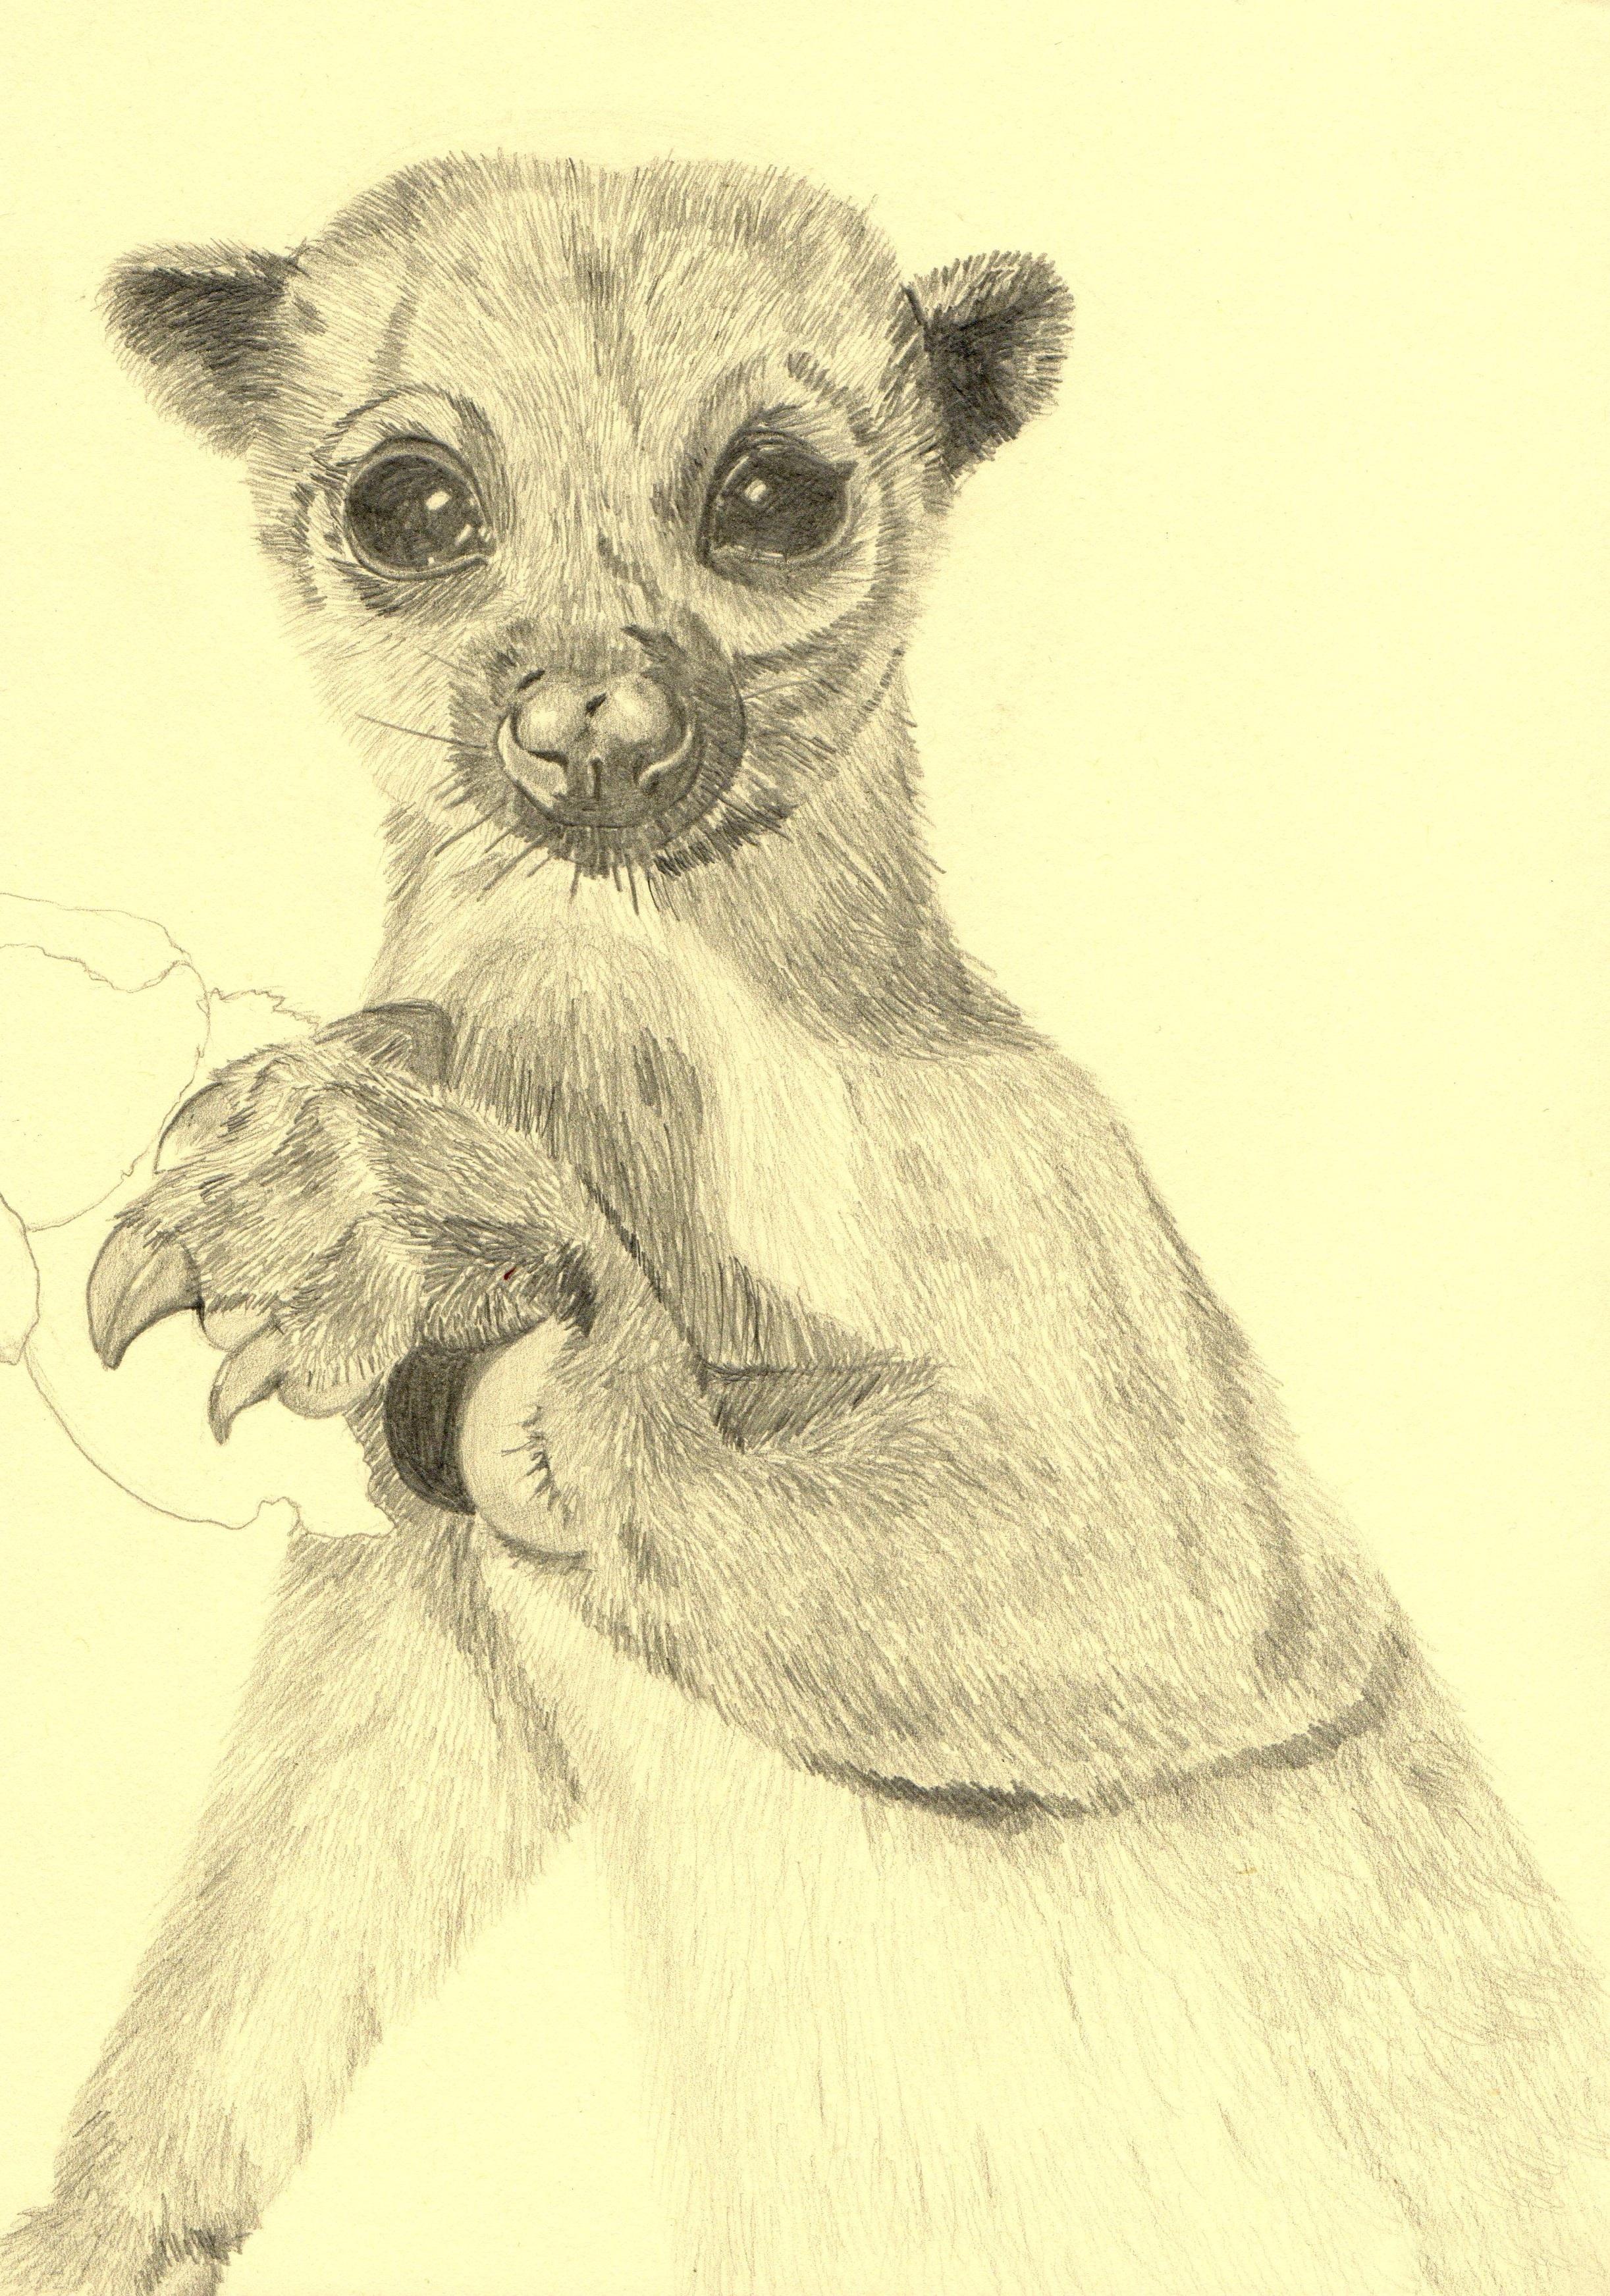 Fotos gratis  lpiz animal mamfero Obra de arte art